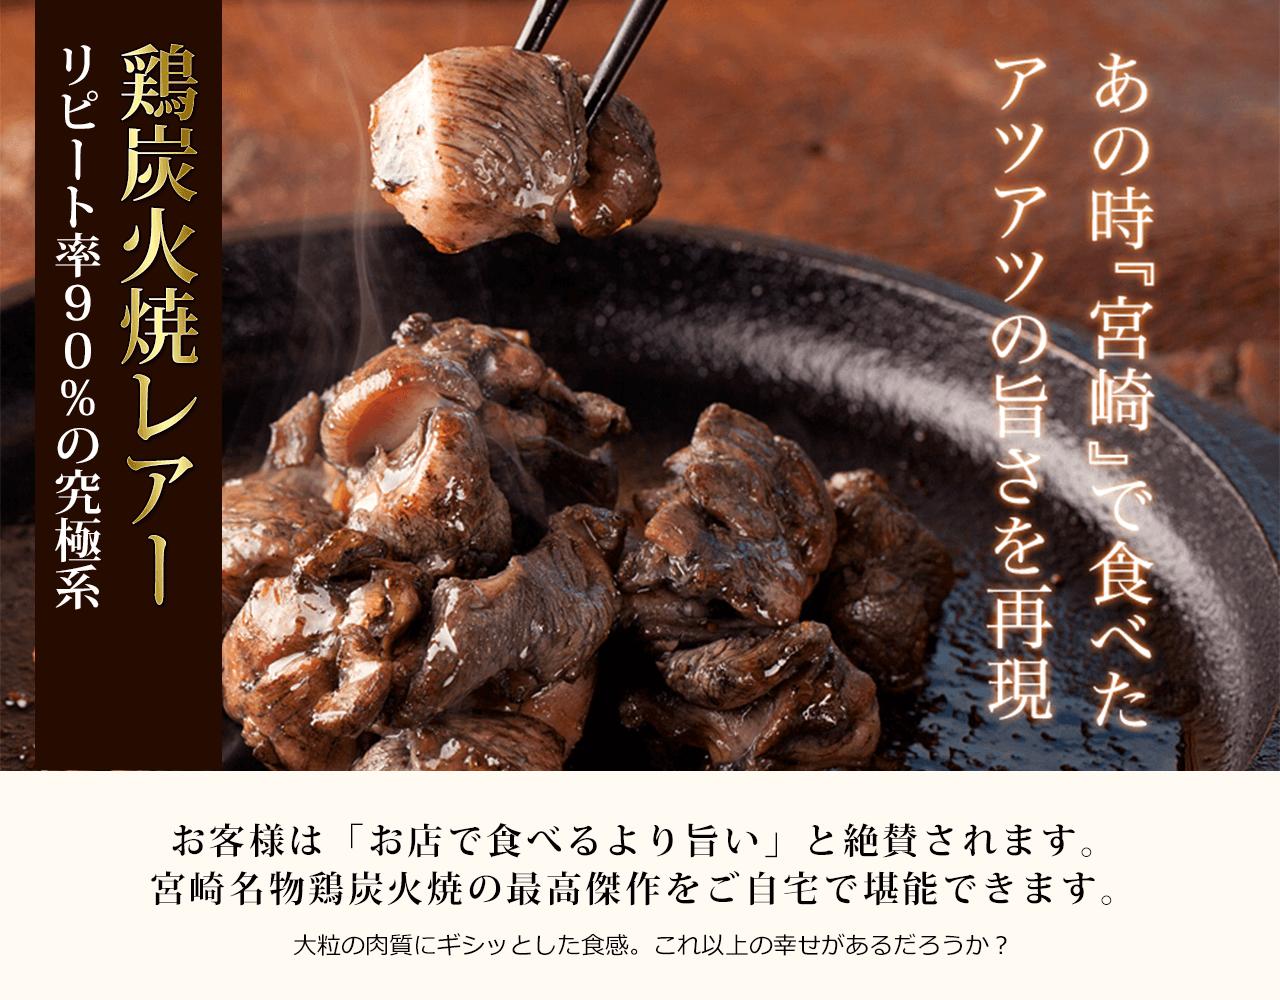 お客様は「お店で食べるより旨い」と絶賛されます。宮崎名物鶏炭火焼の最高傑作をご自宅で堪能できます。大粒の肉質にギシッとした食感。これ以上の幸せがあるだろうか?